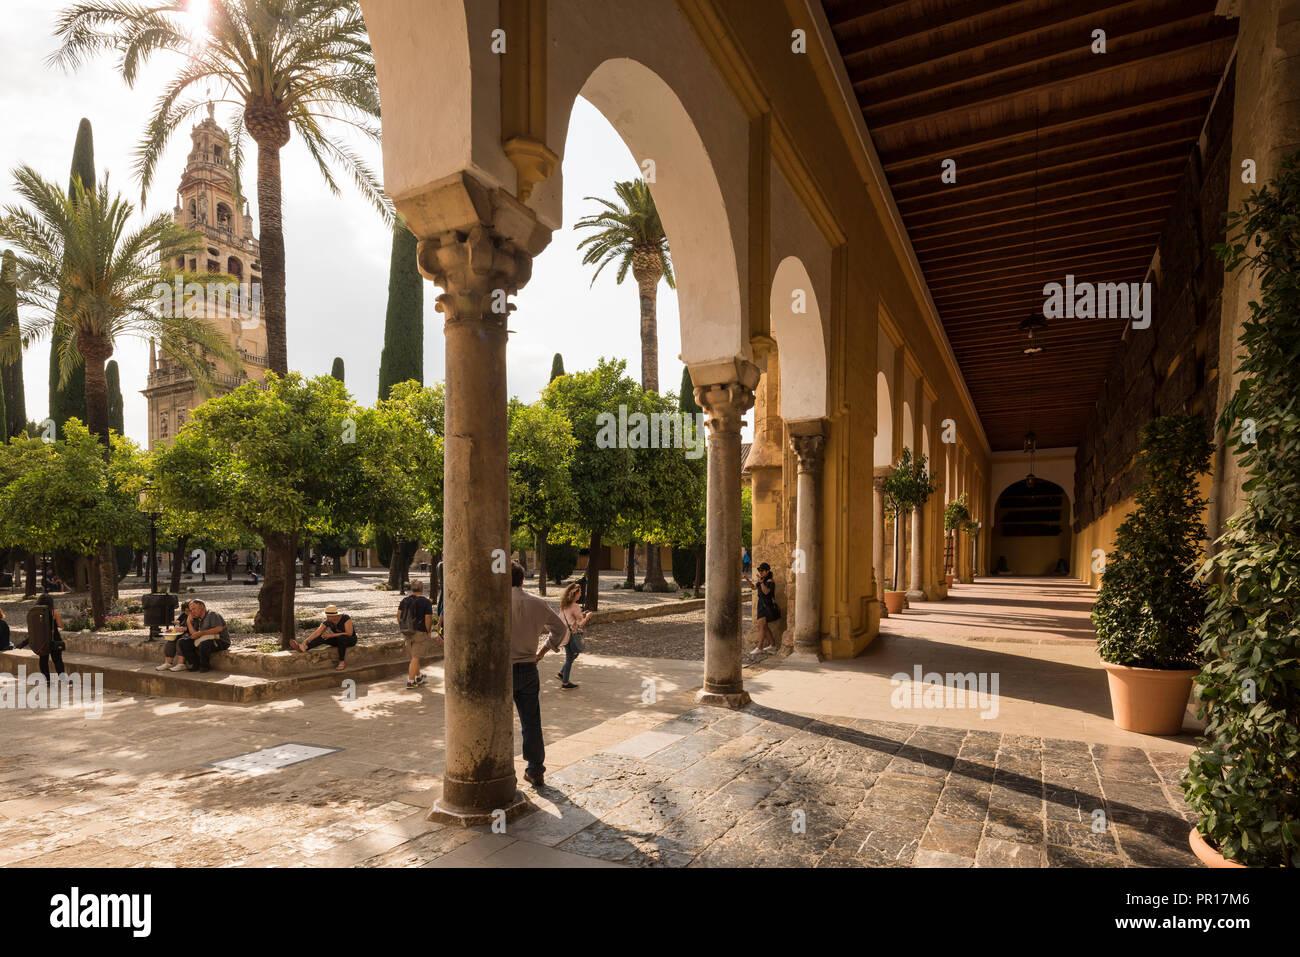 La grande moschea (Cattedrale di Nostra Signora dell'Assunzione) (Mezquita di Cordova, Sito Patrimonio Mondiale dell'UNESCO, Cordoba, Andalusia, Spagna, Europa Immagini Stock